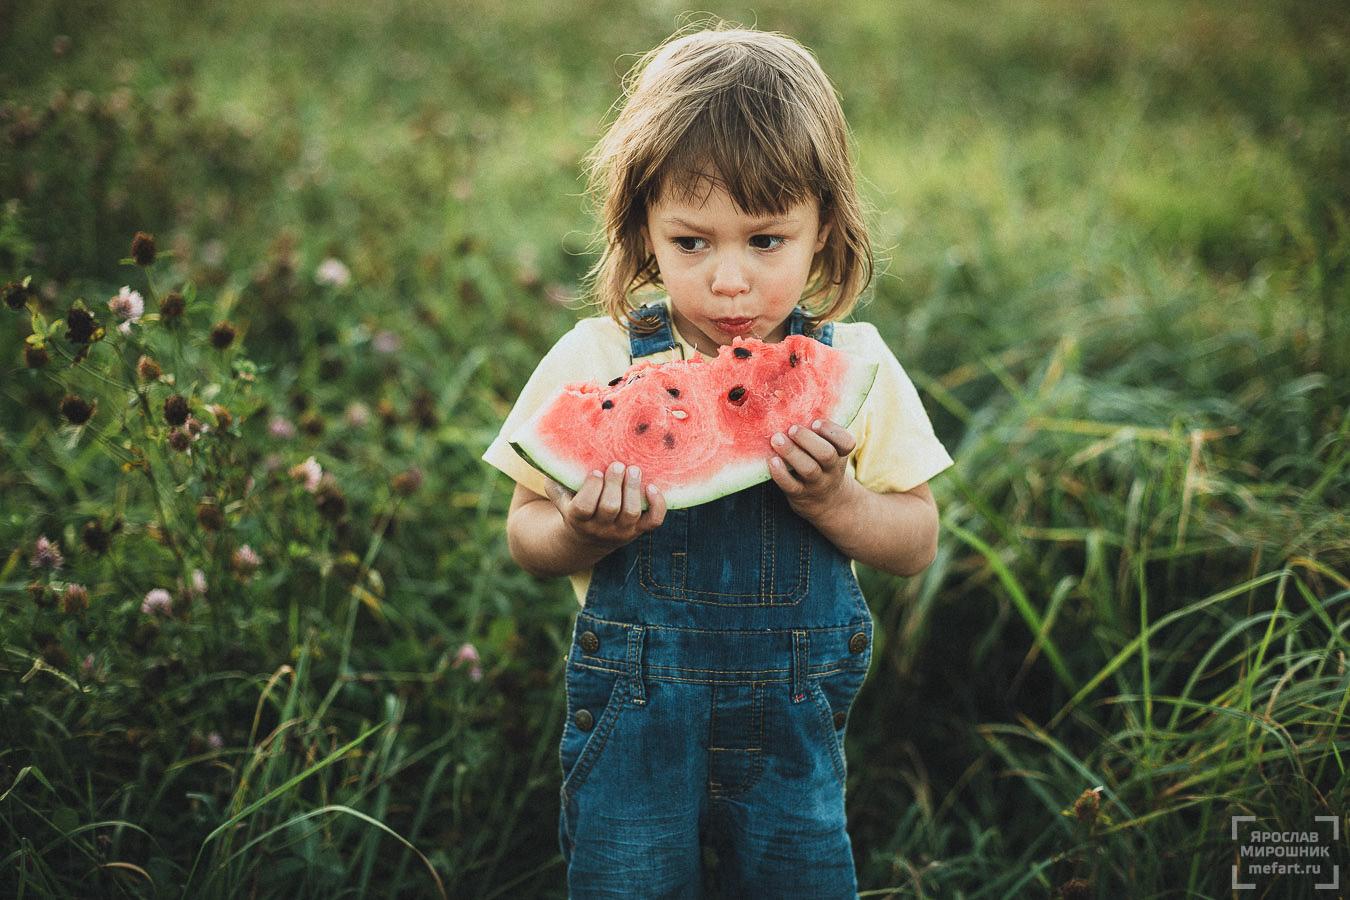 детская фотосессия на природе в москве: фото маленького ребенка с арбузом